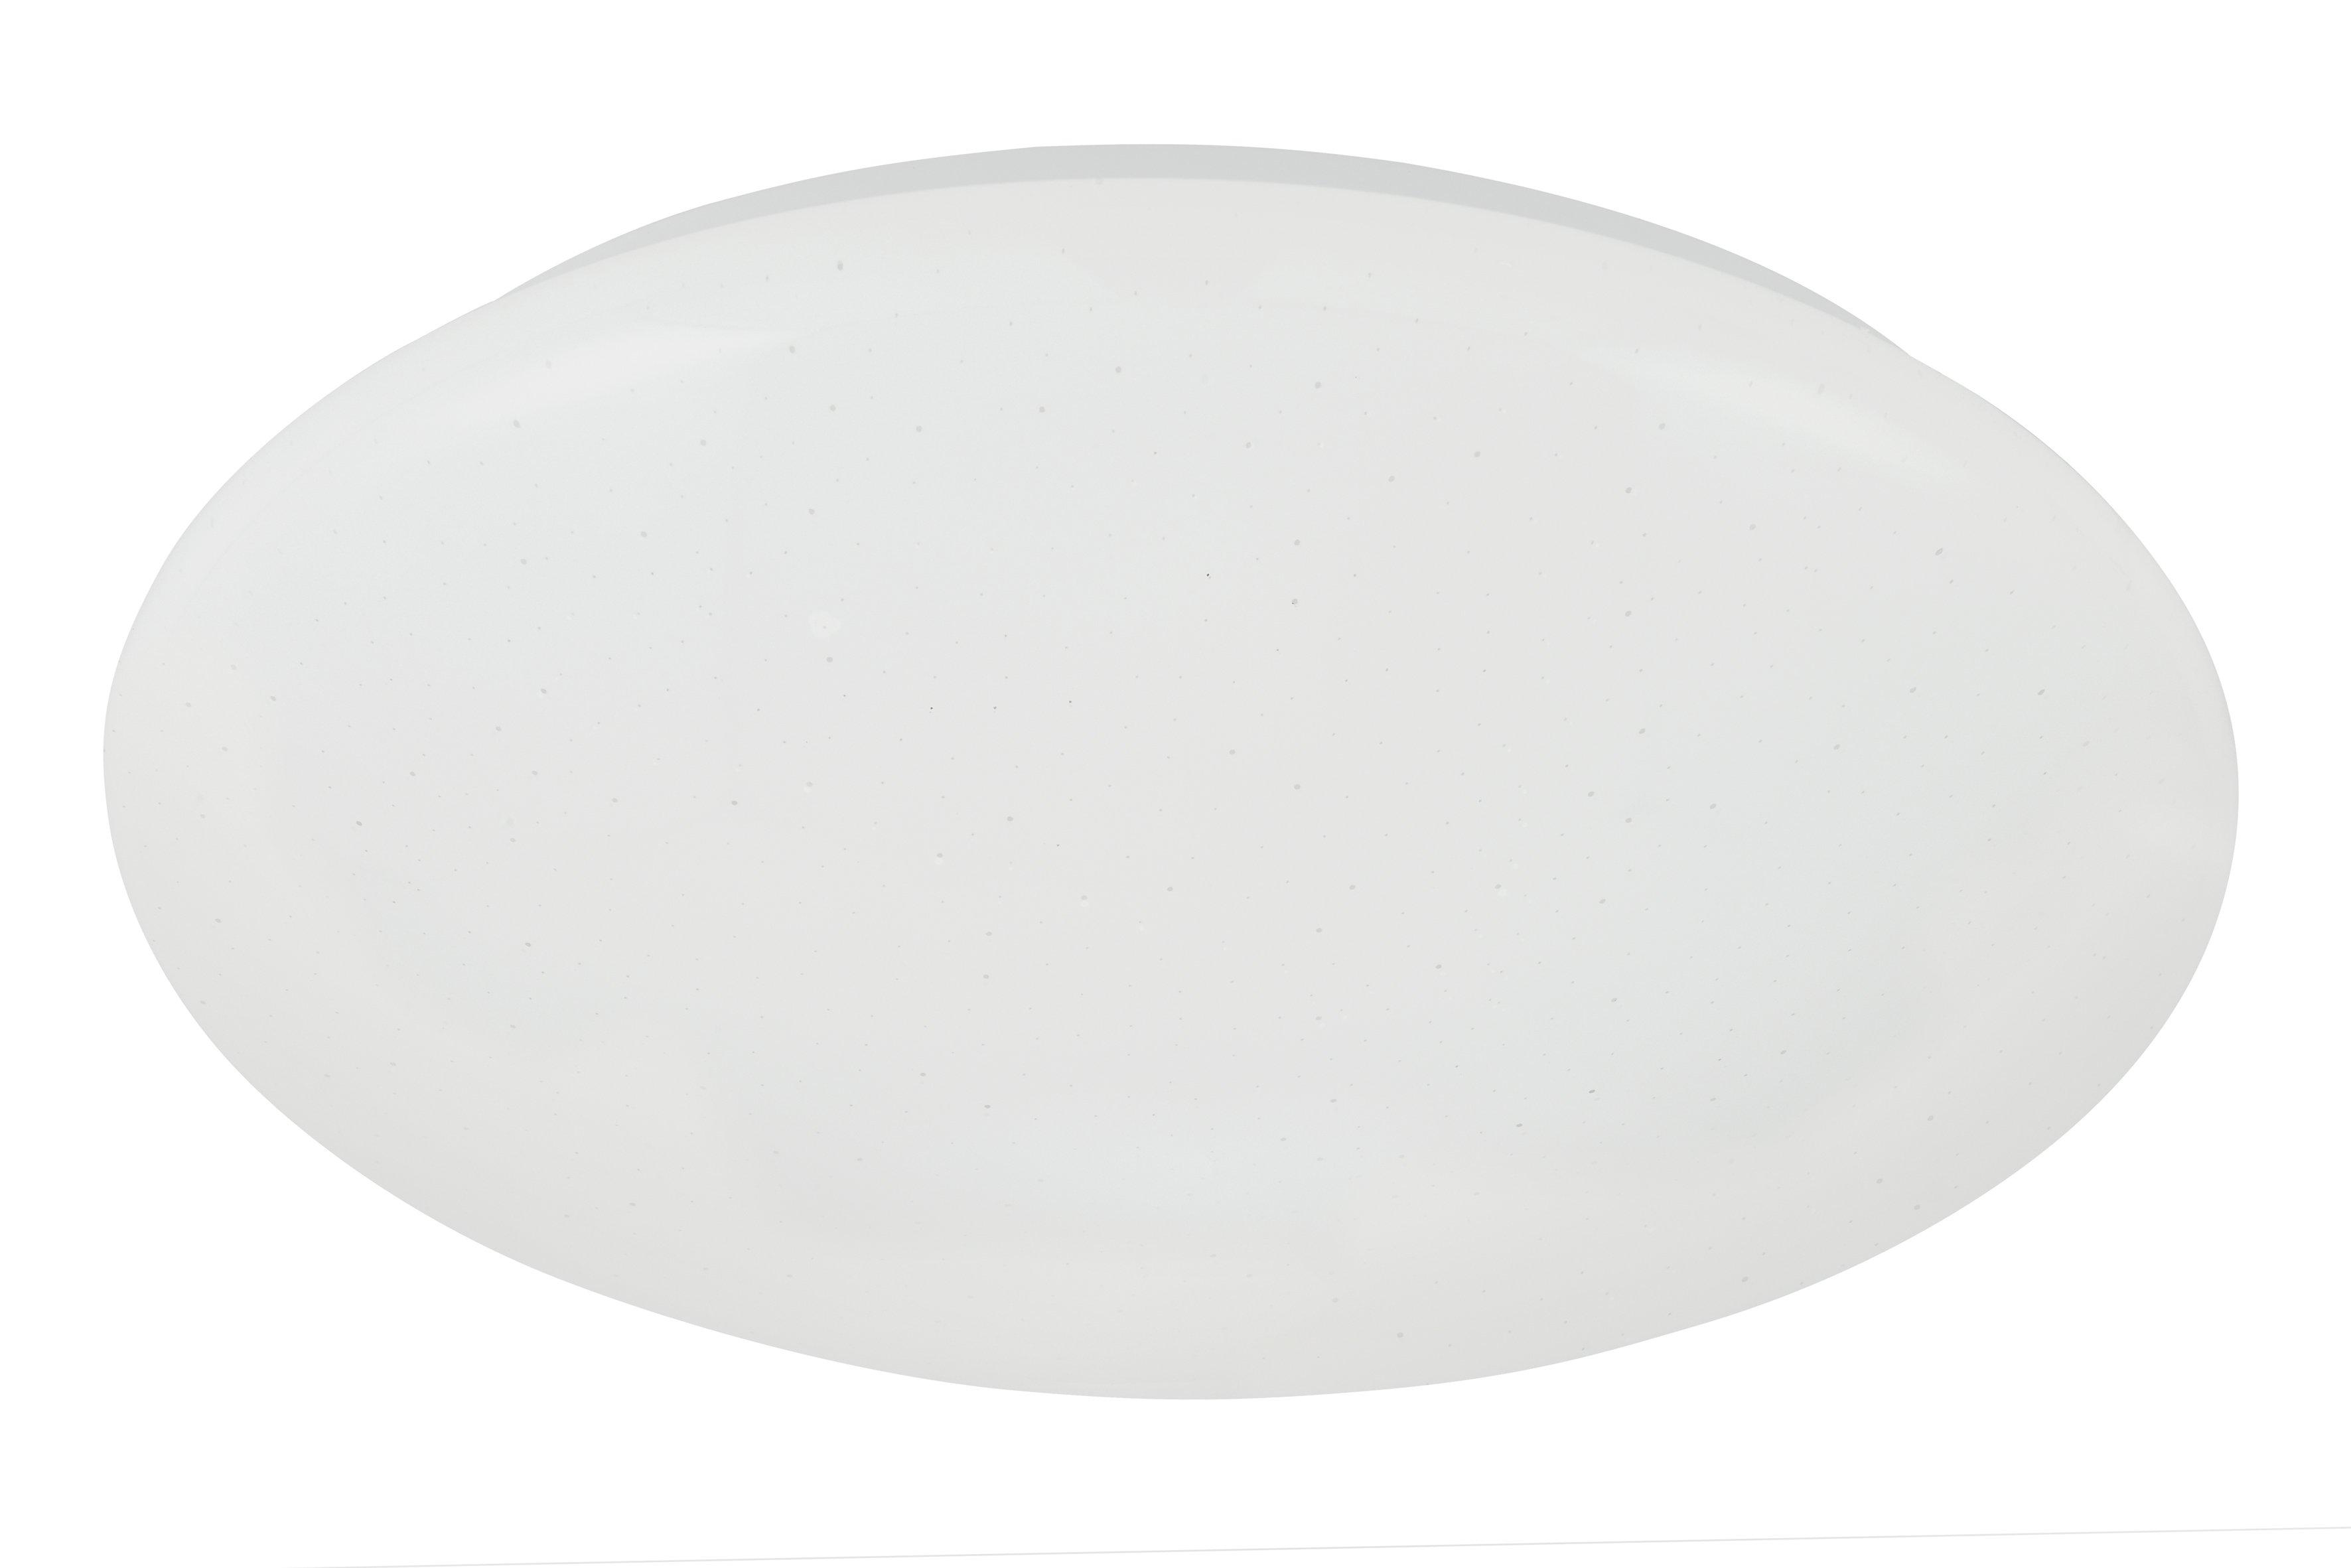 Wand-/Deckenleuchte H11,2 D38,9, Weiß